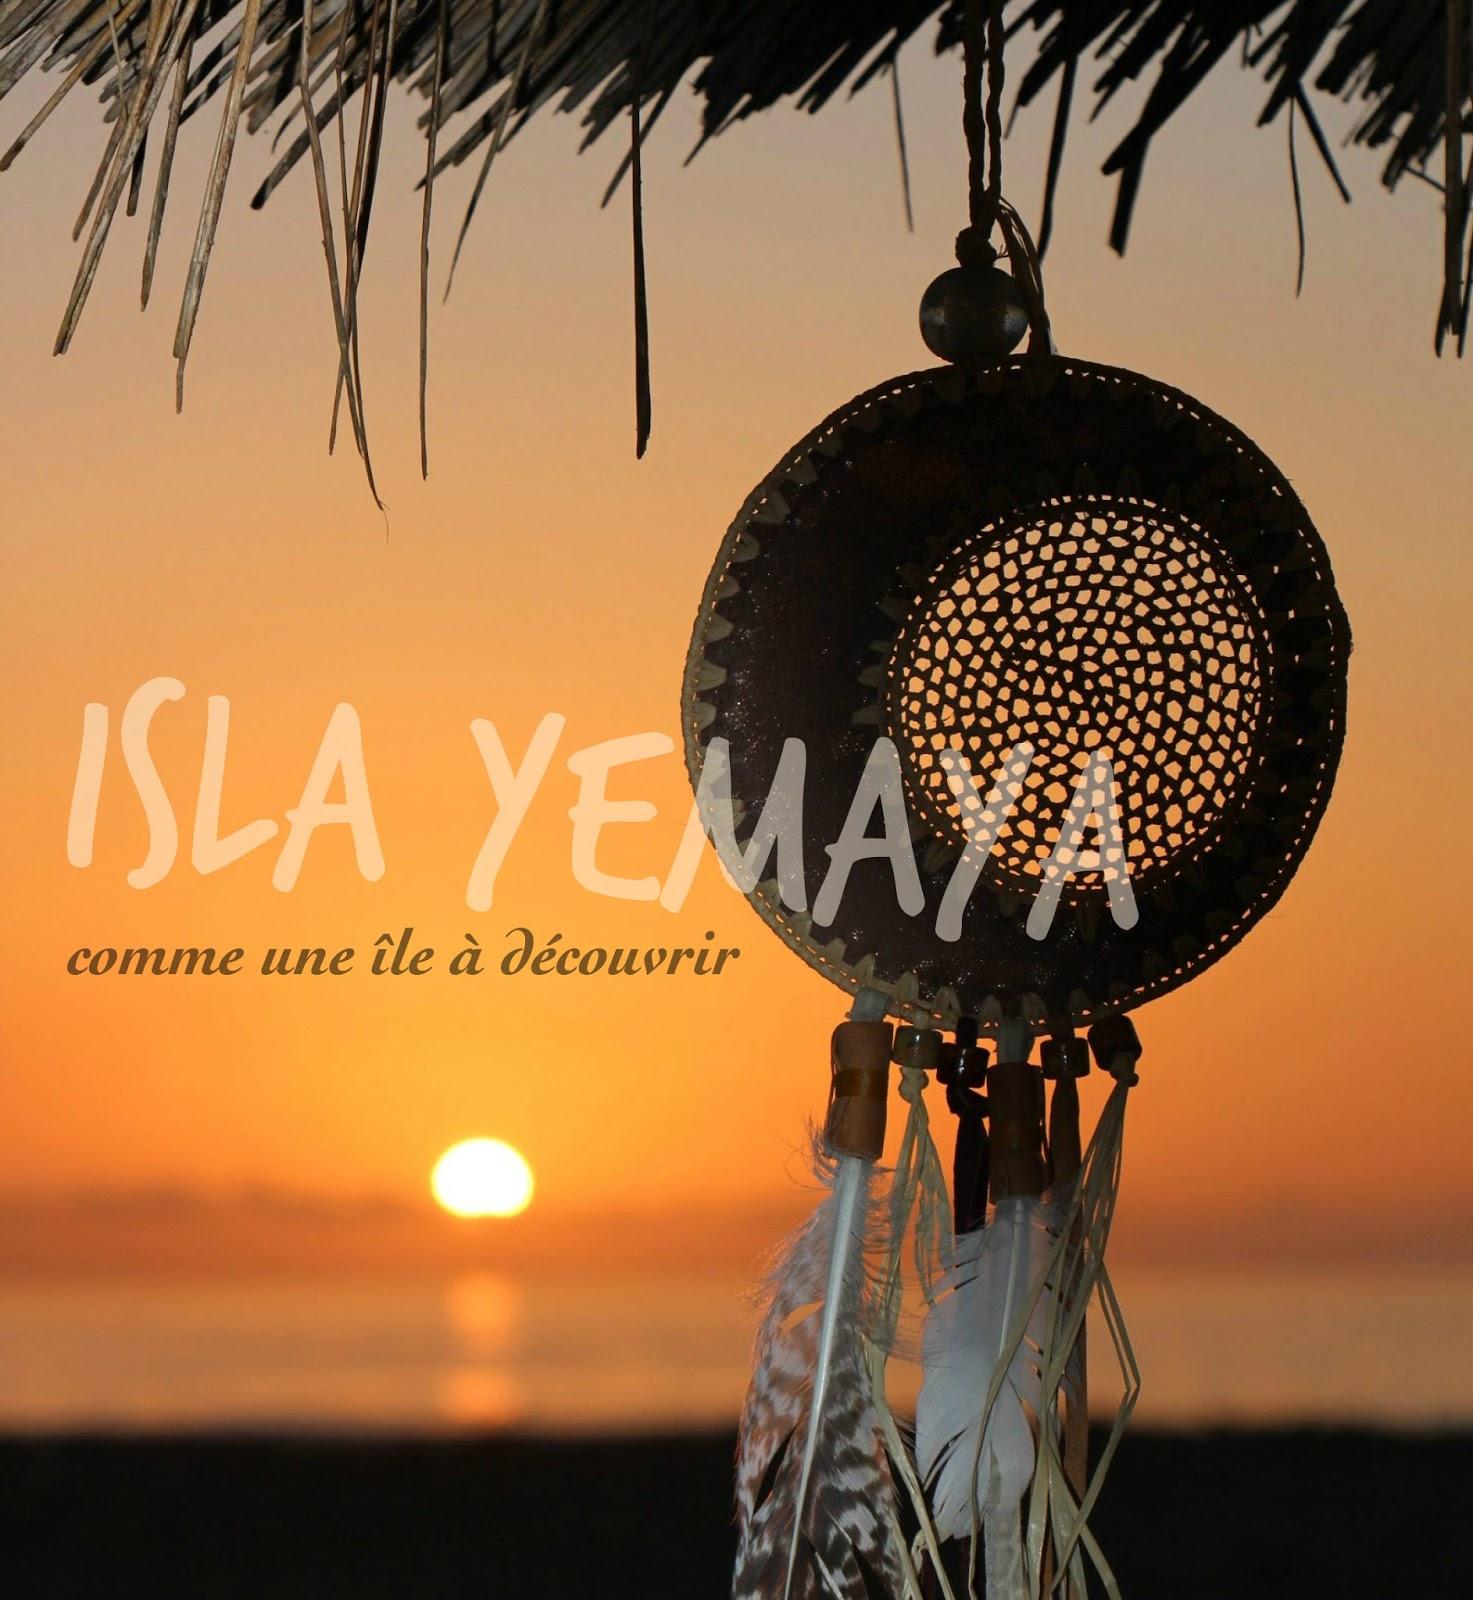 Isla Yemaya